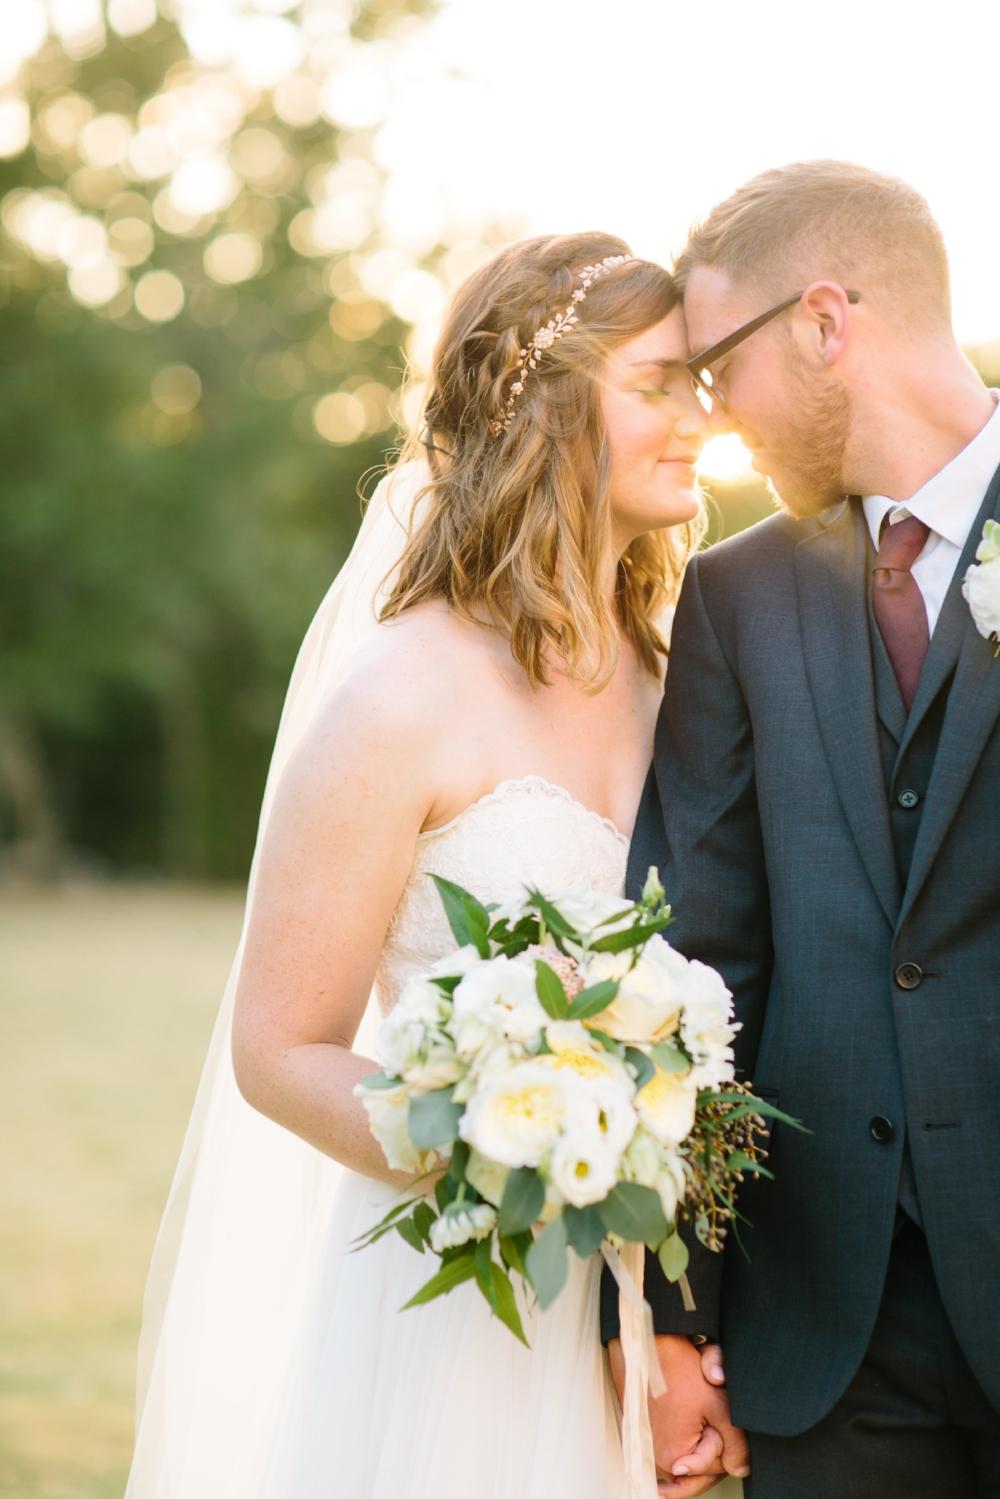 Dallas Wedding Photographer - Wedding Coordinators in Dallas